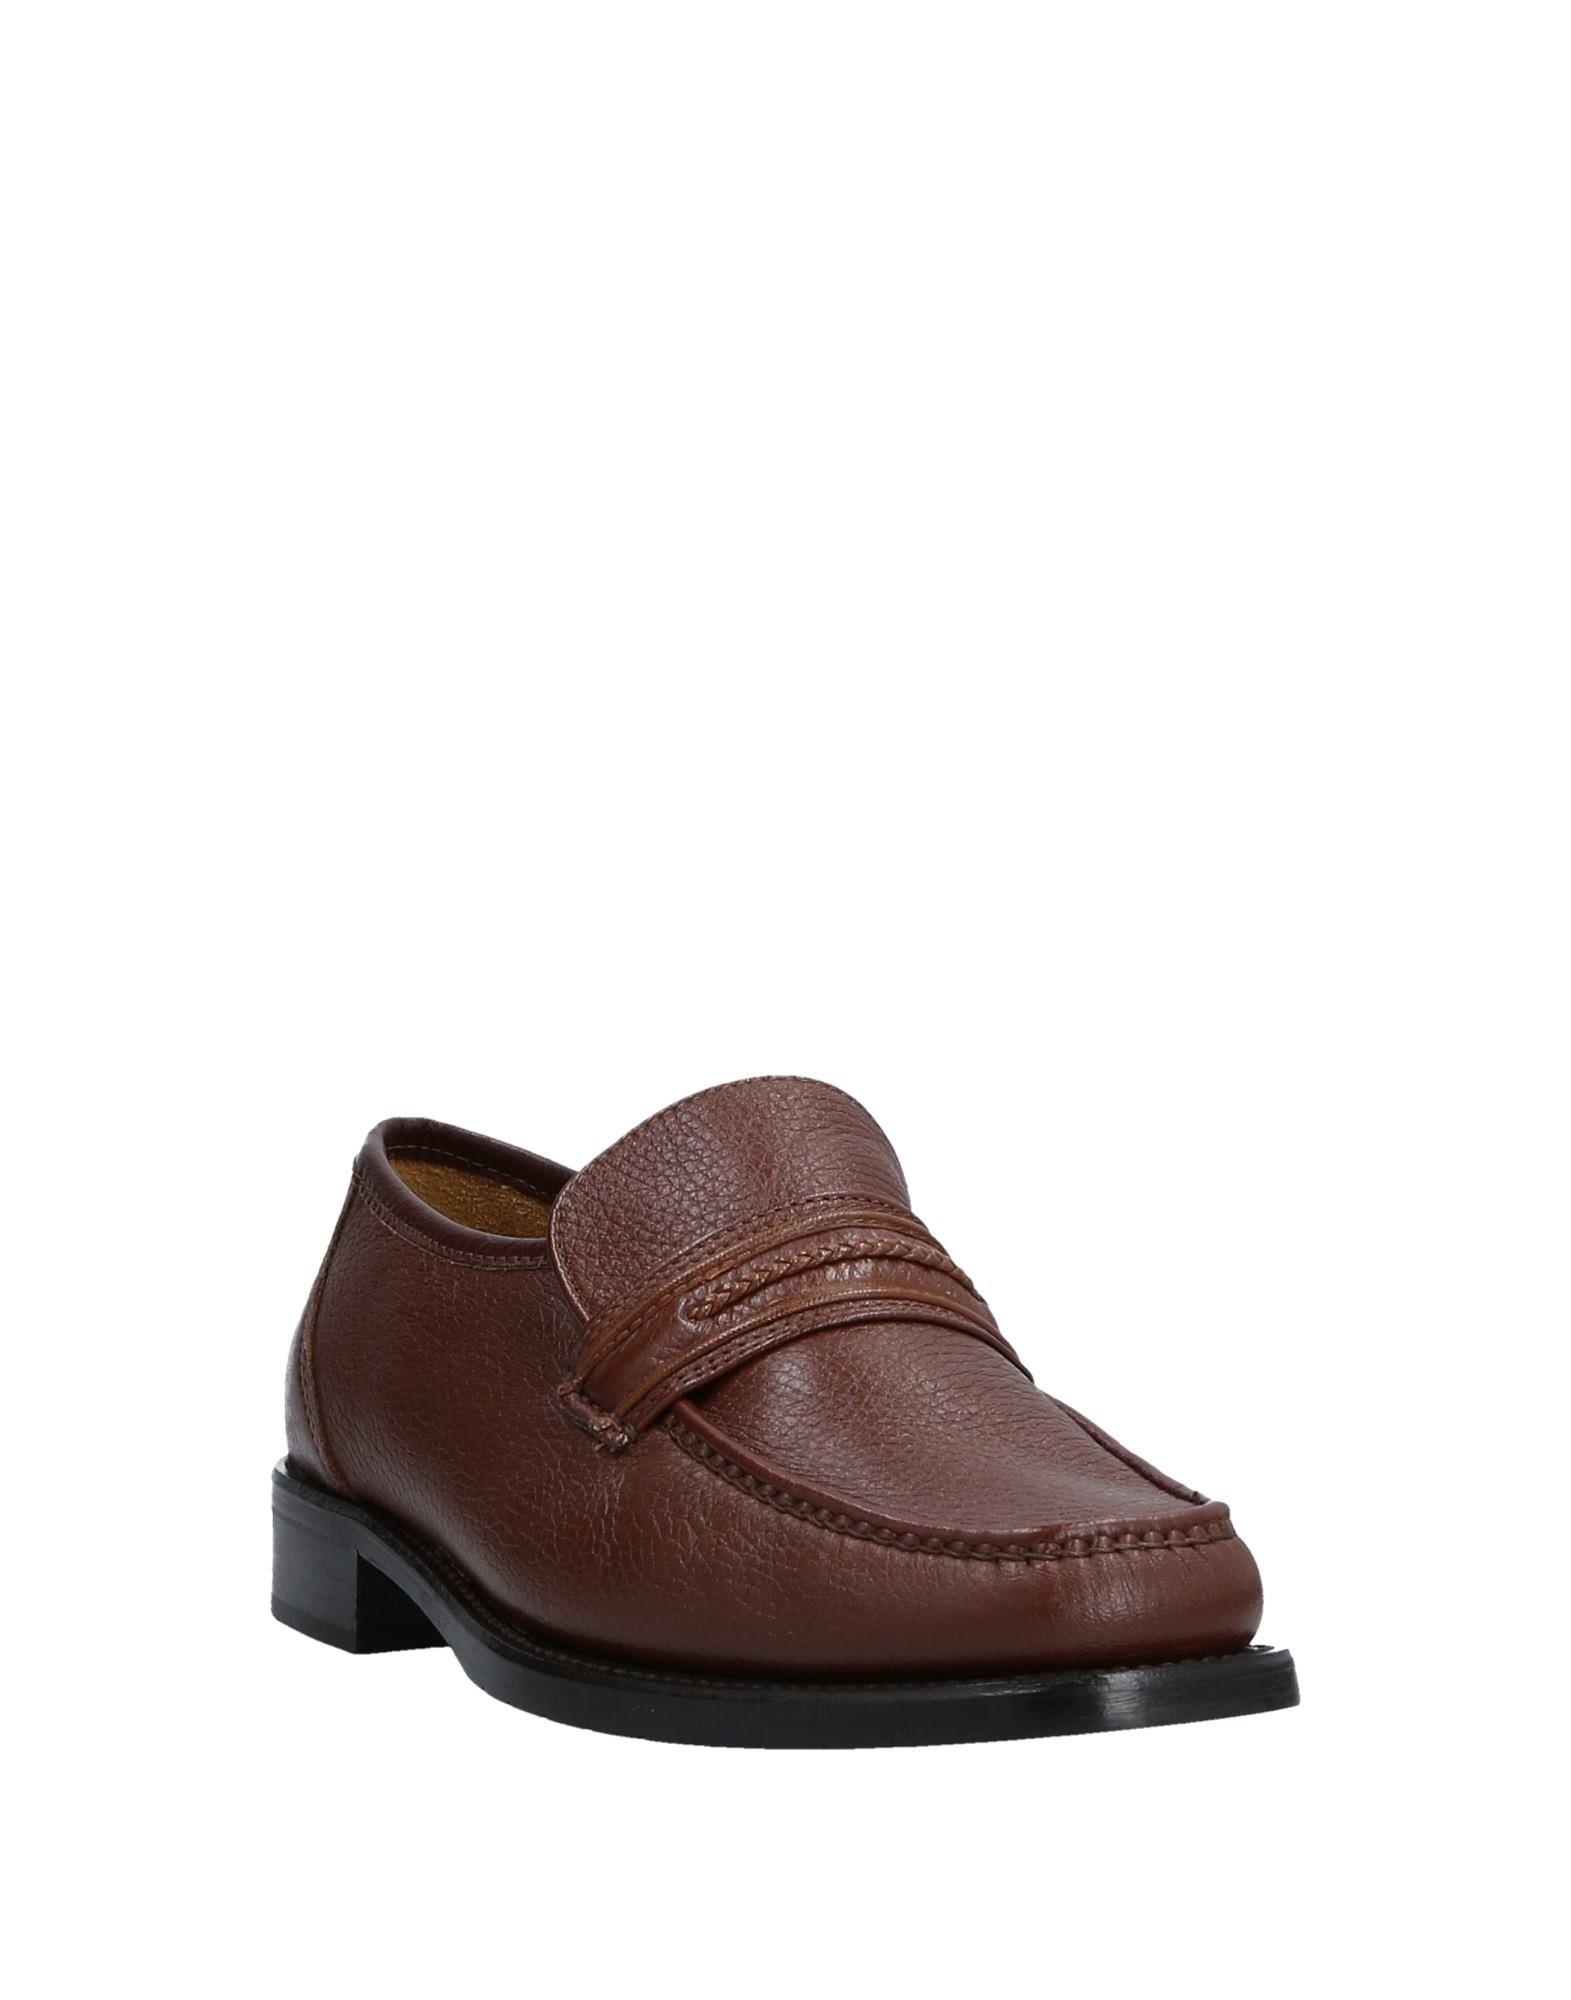 Rabatt echte Melluso Schuhe Melluso echte Mokassins Herren  11530441MU 5788e4